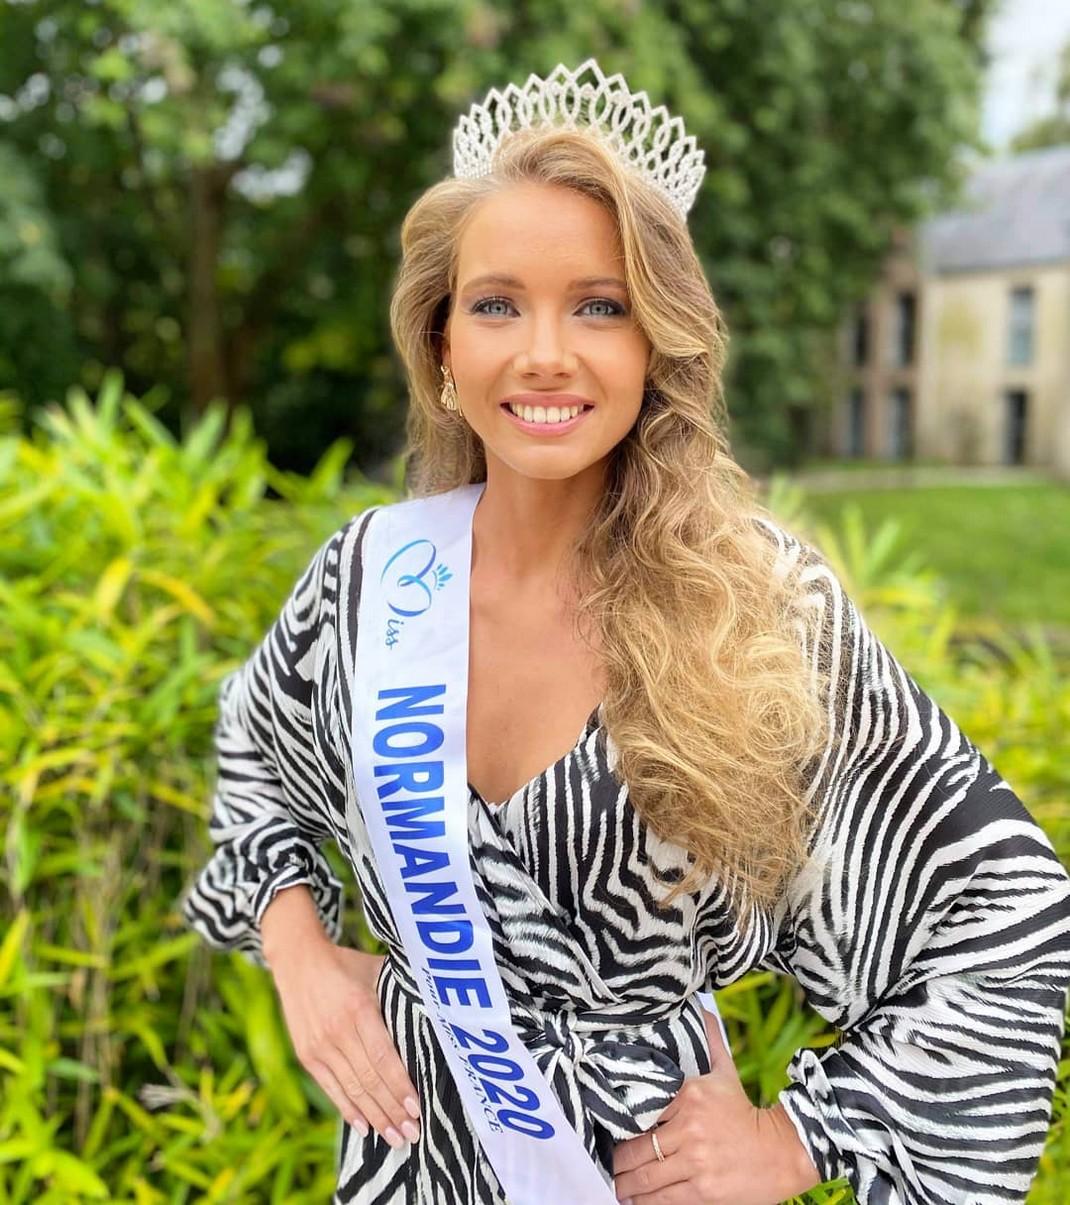 Amandine Petit, Miss Normandie, est élue Miss France 2021 Amandi10